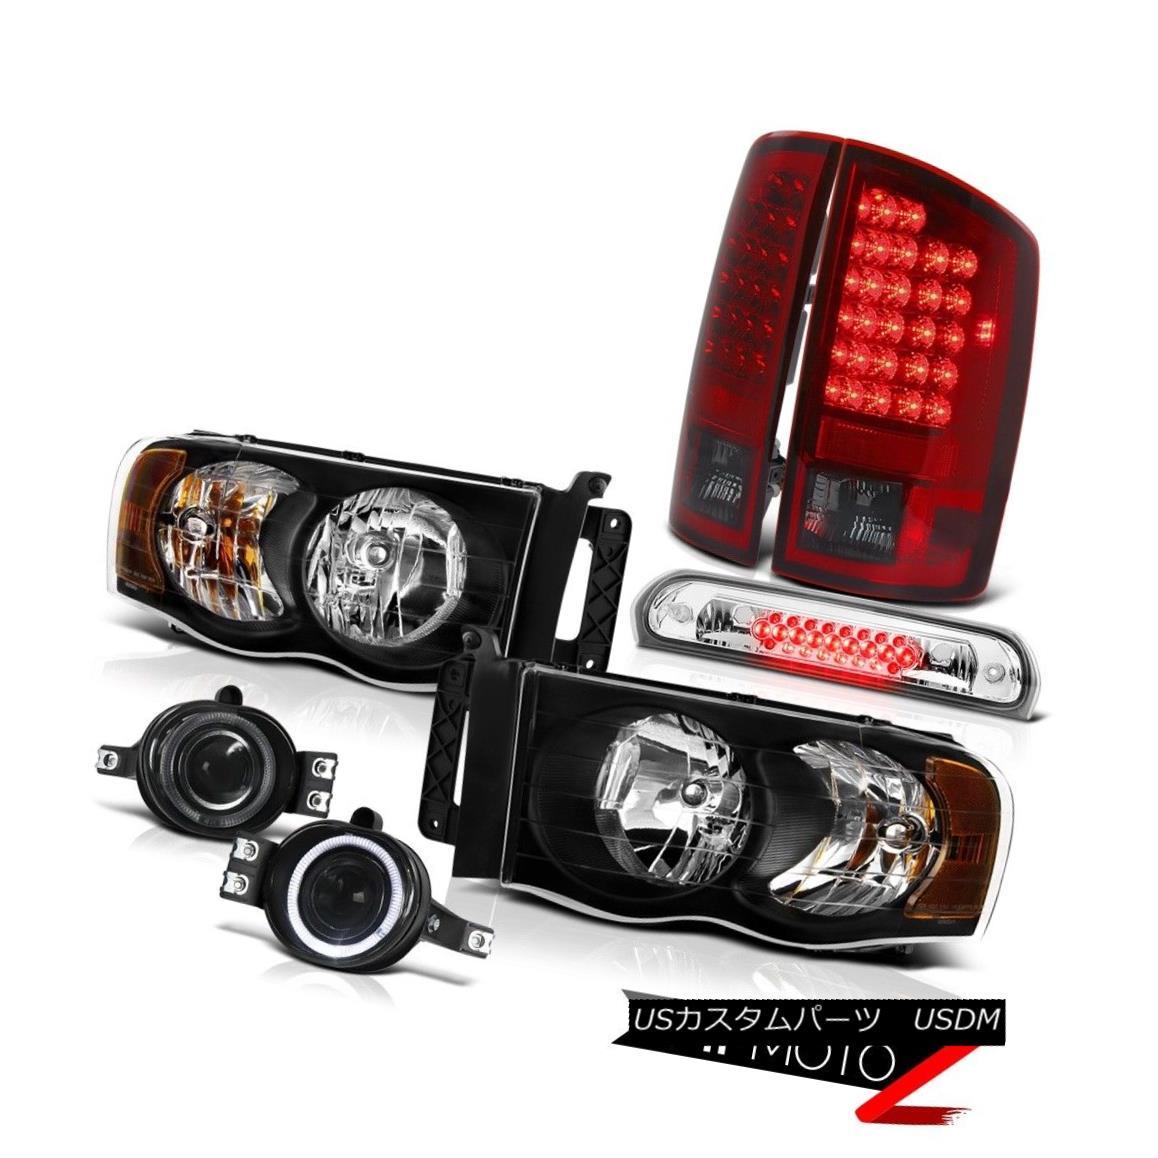 テールライト 02-05 Ram V6 Black Headlights Smokey Red Tail Lights Bumper Fog Roof Brake LED 02-05 Ram V6ブラックヘッドライトスモーキーレッドテールライトバンパーフォグルーフブレーキLED